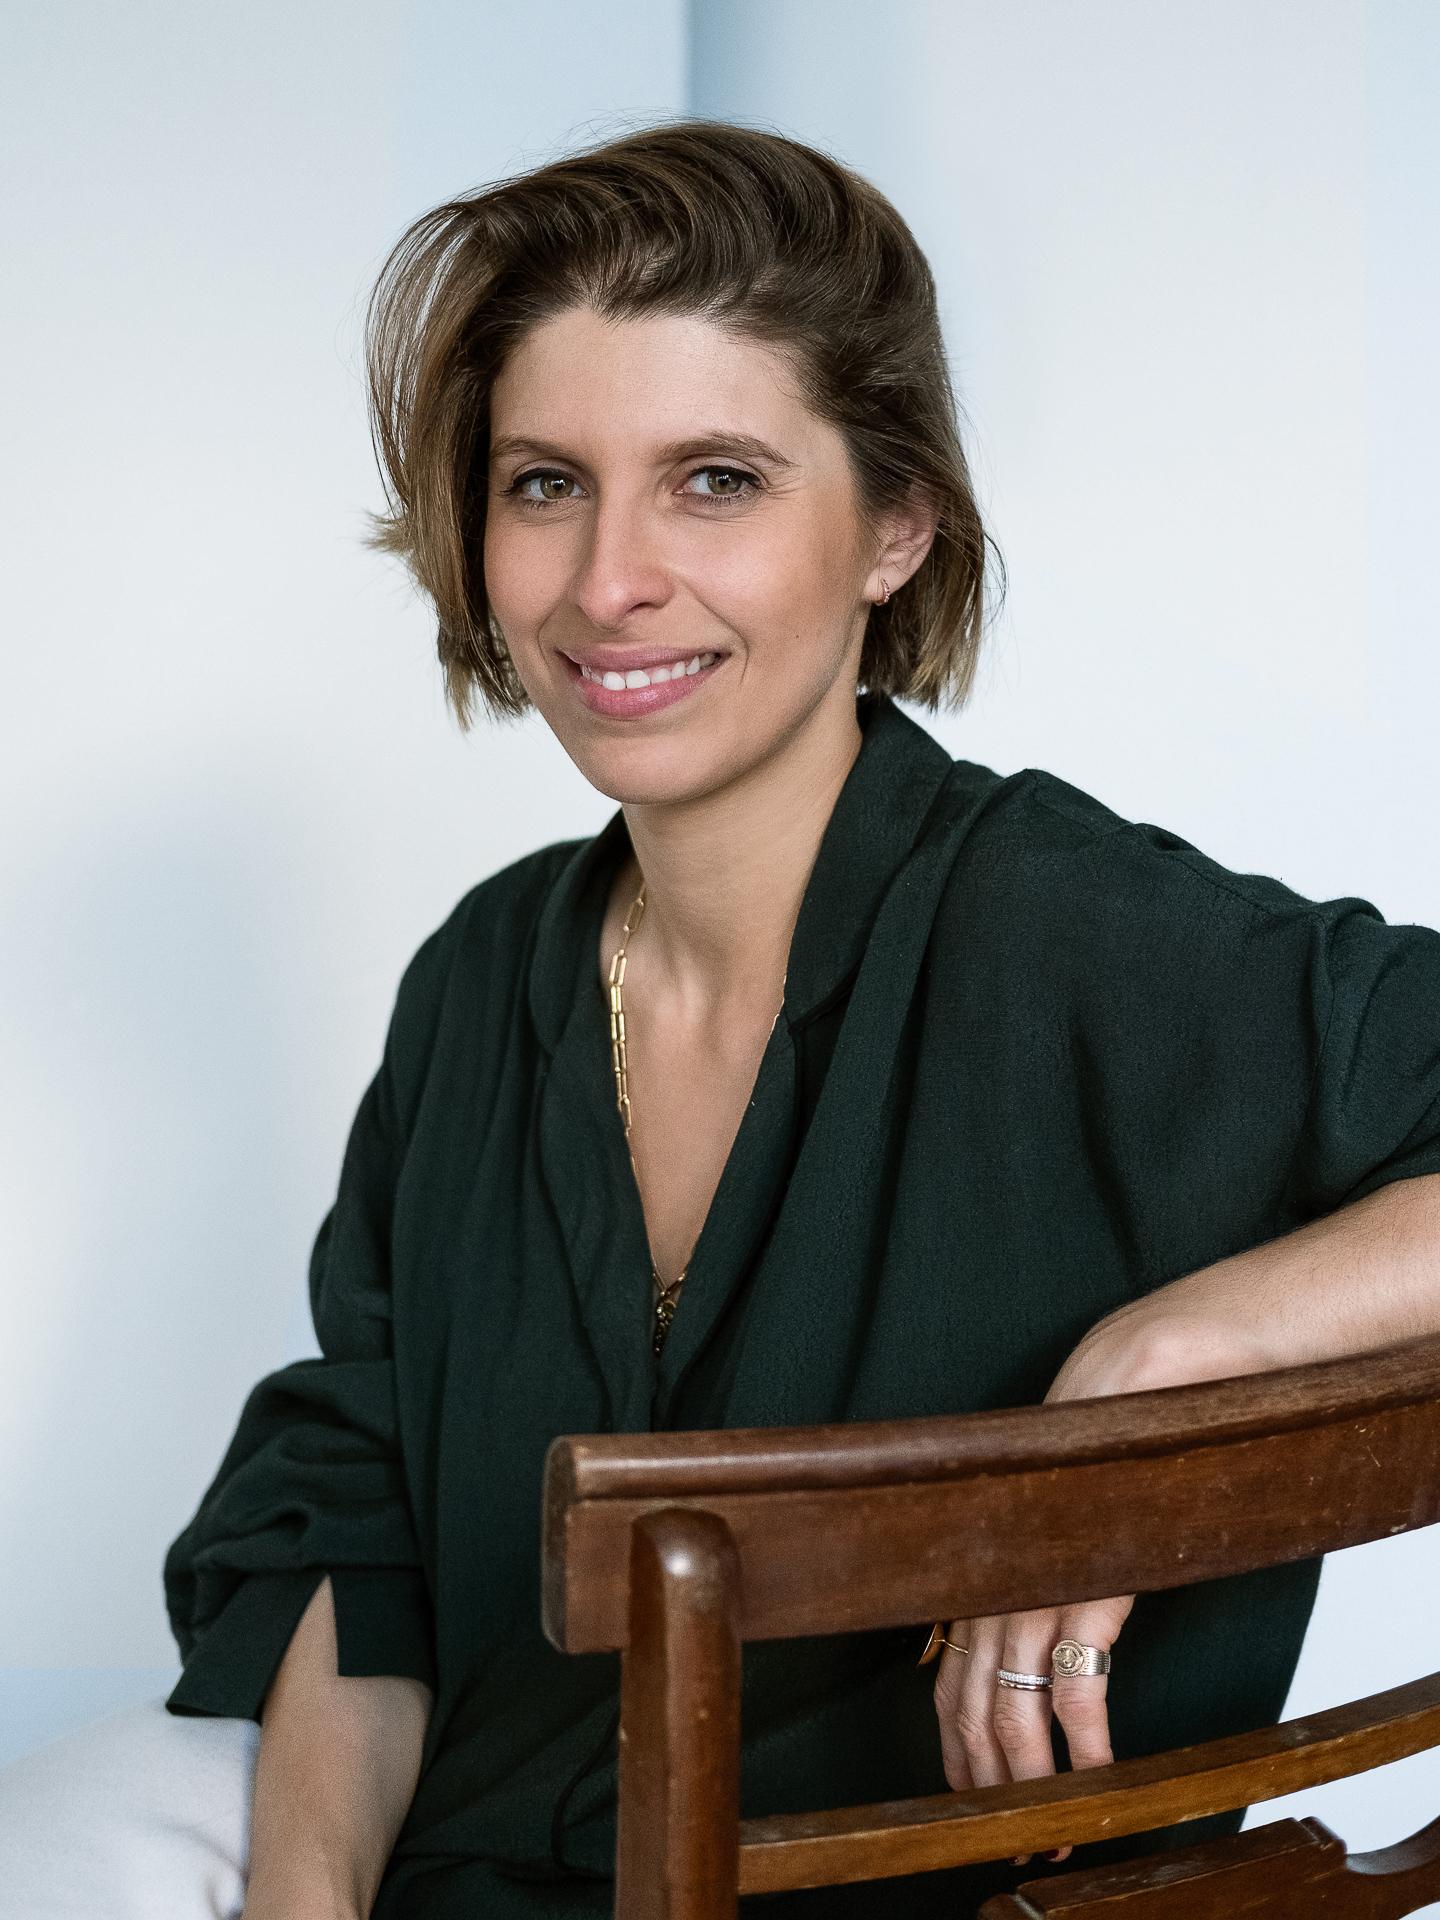 Joana Campos Silva em estúdio, no dia da gravação do episódio